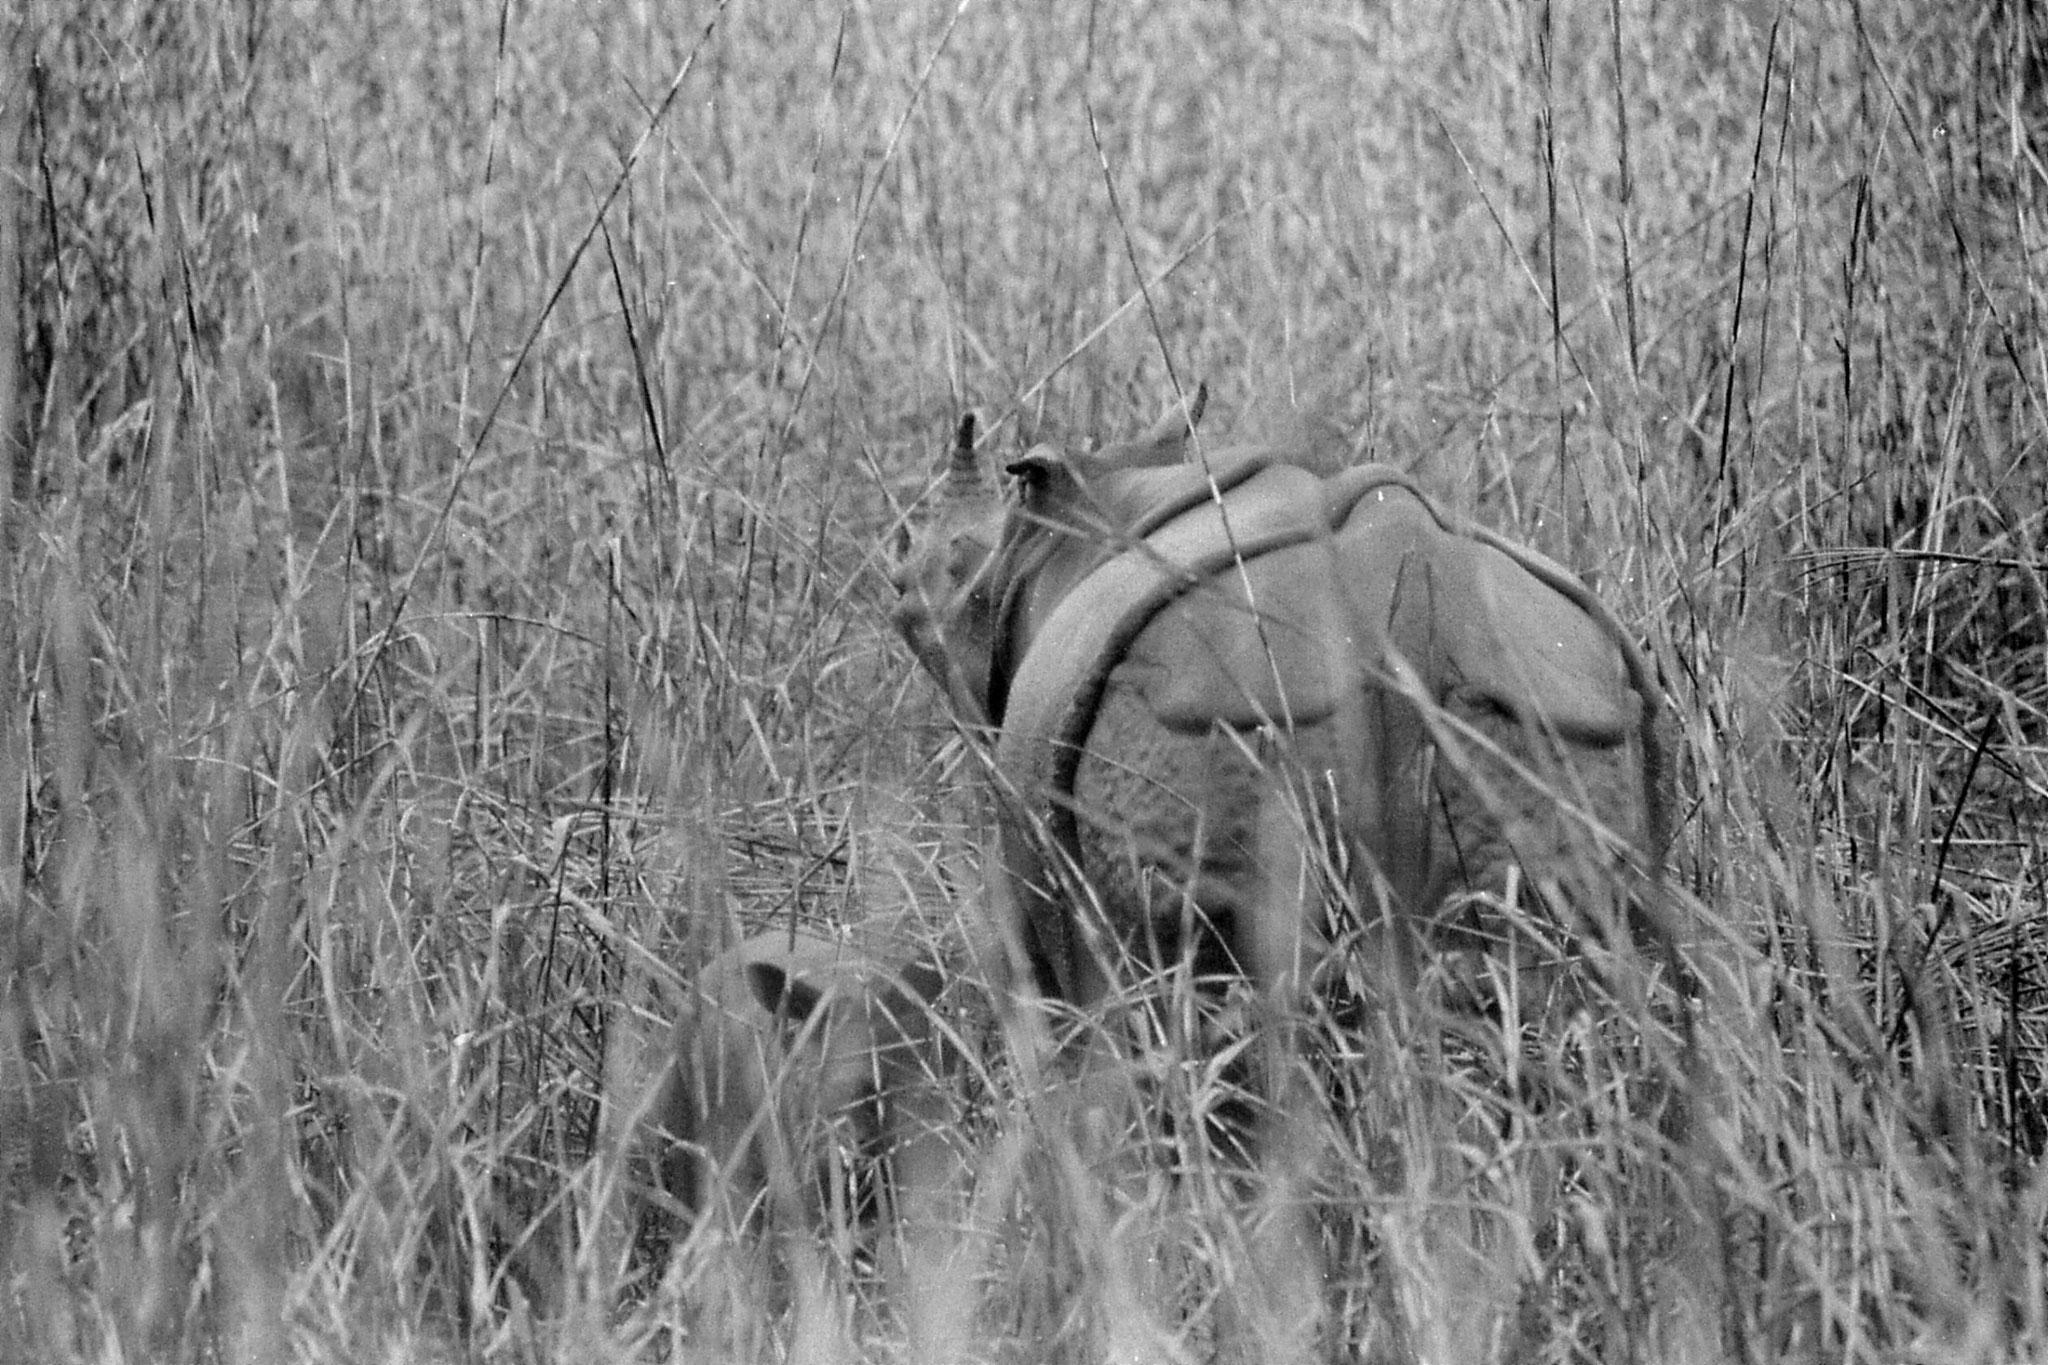 9/4/1990: 23: Kaziranga Indian One Horned Rhino